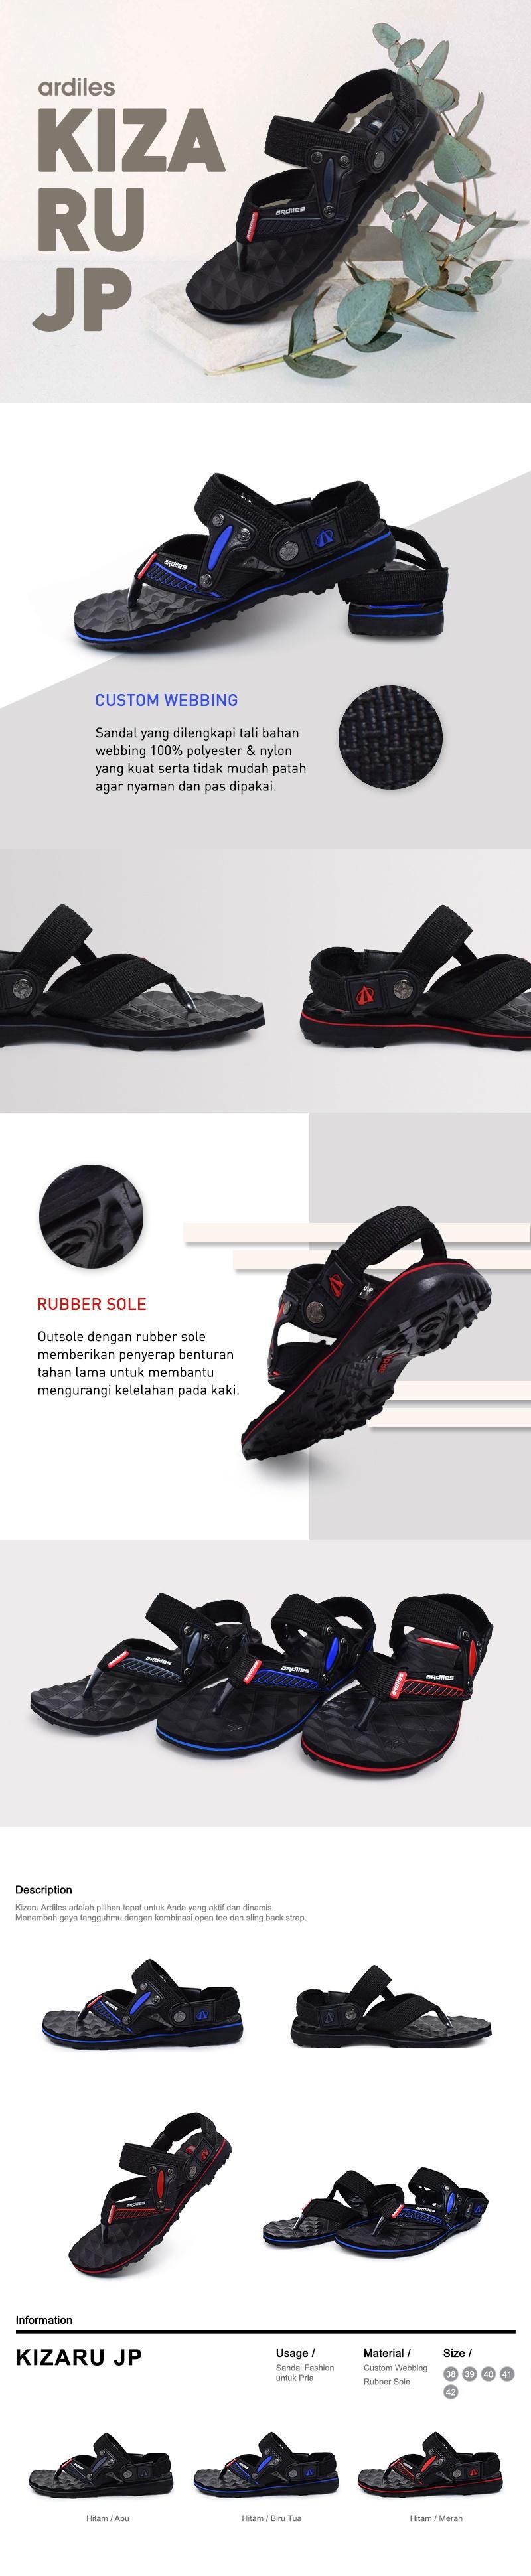 Buy Ardiles Best Seller Unisex Sandal And Slippers Deals For Only Women Candelle Slip On Merah 39 Dual 05